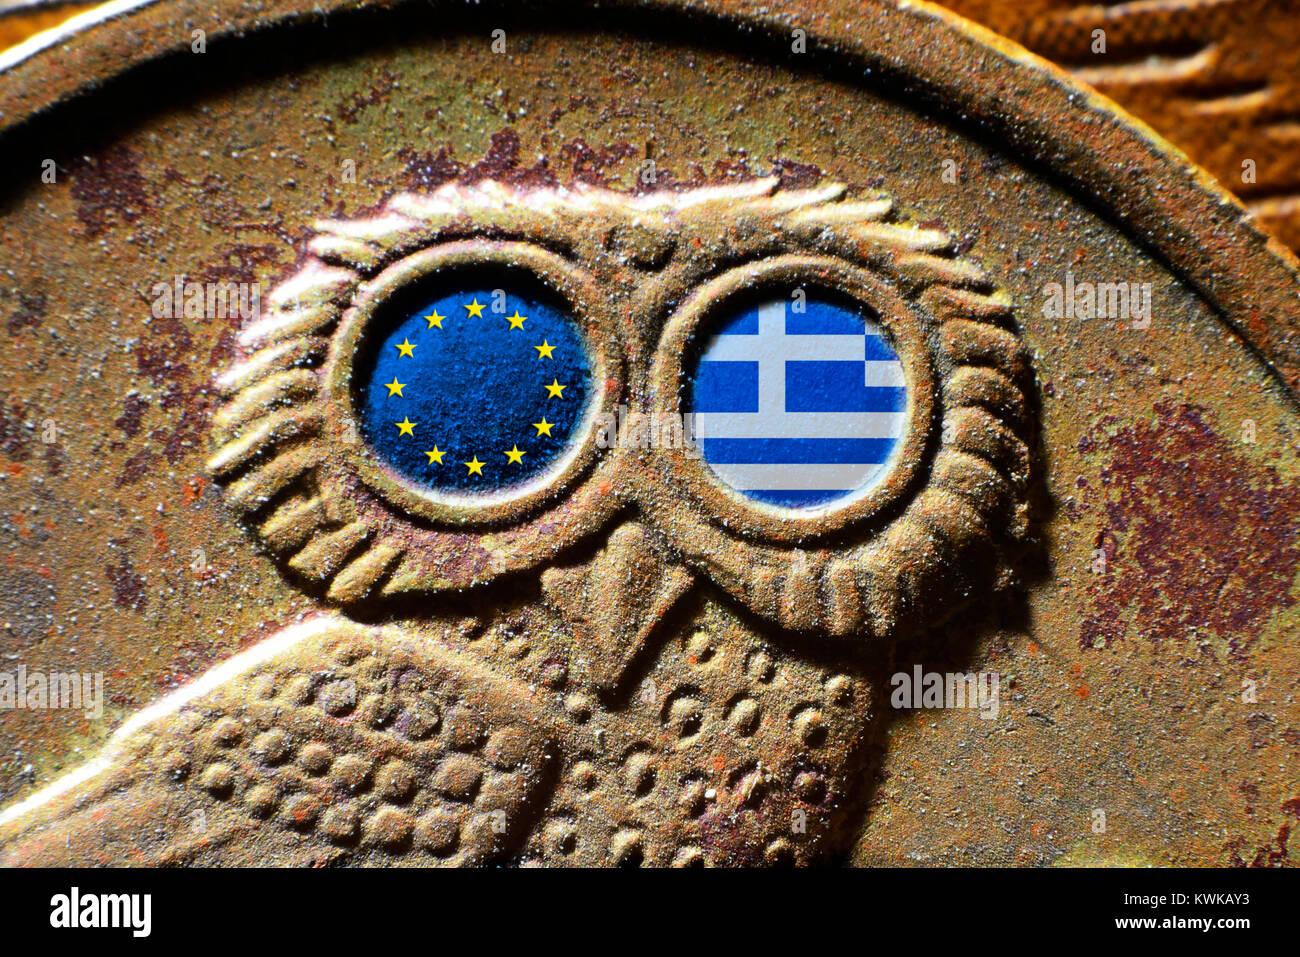 Moneda drachm griego con banderas de la Unión Europea y Grecia, Griechische Drachme-M?nze mit von Fahnen und UE Griechenland Foto de stock